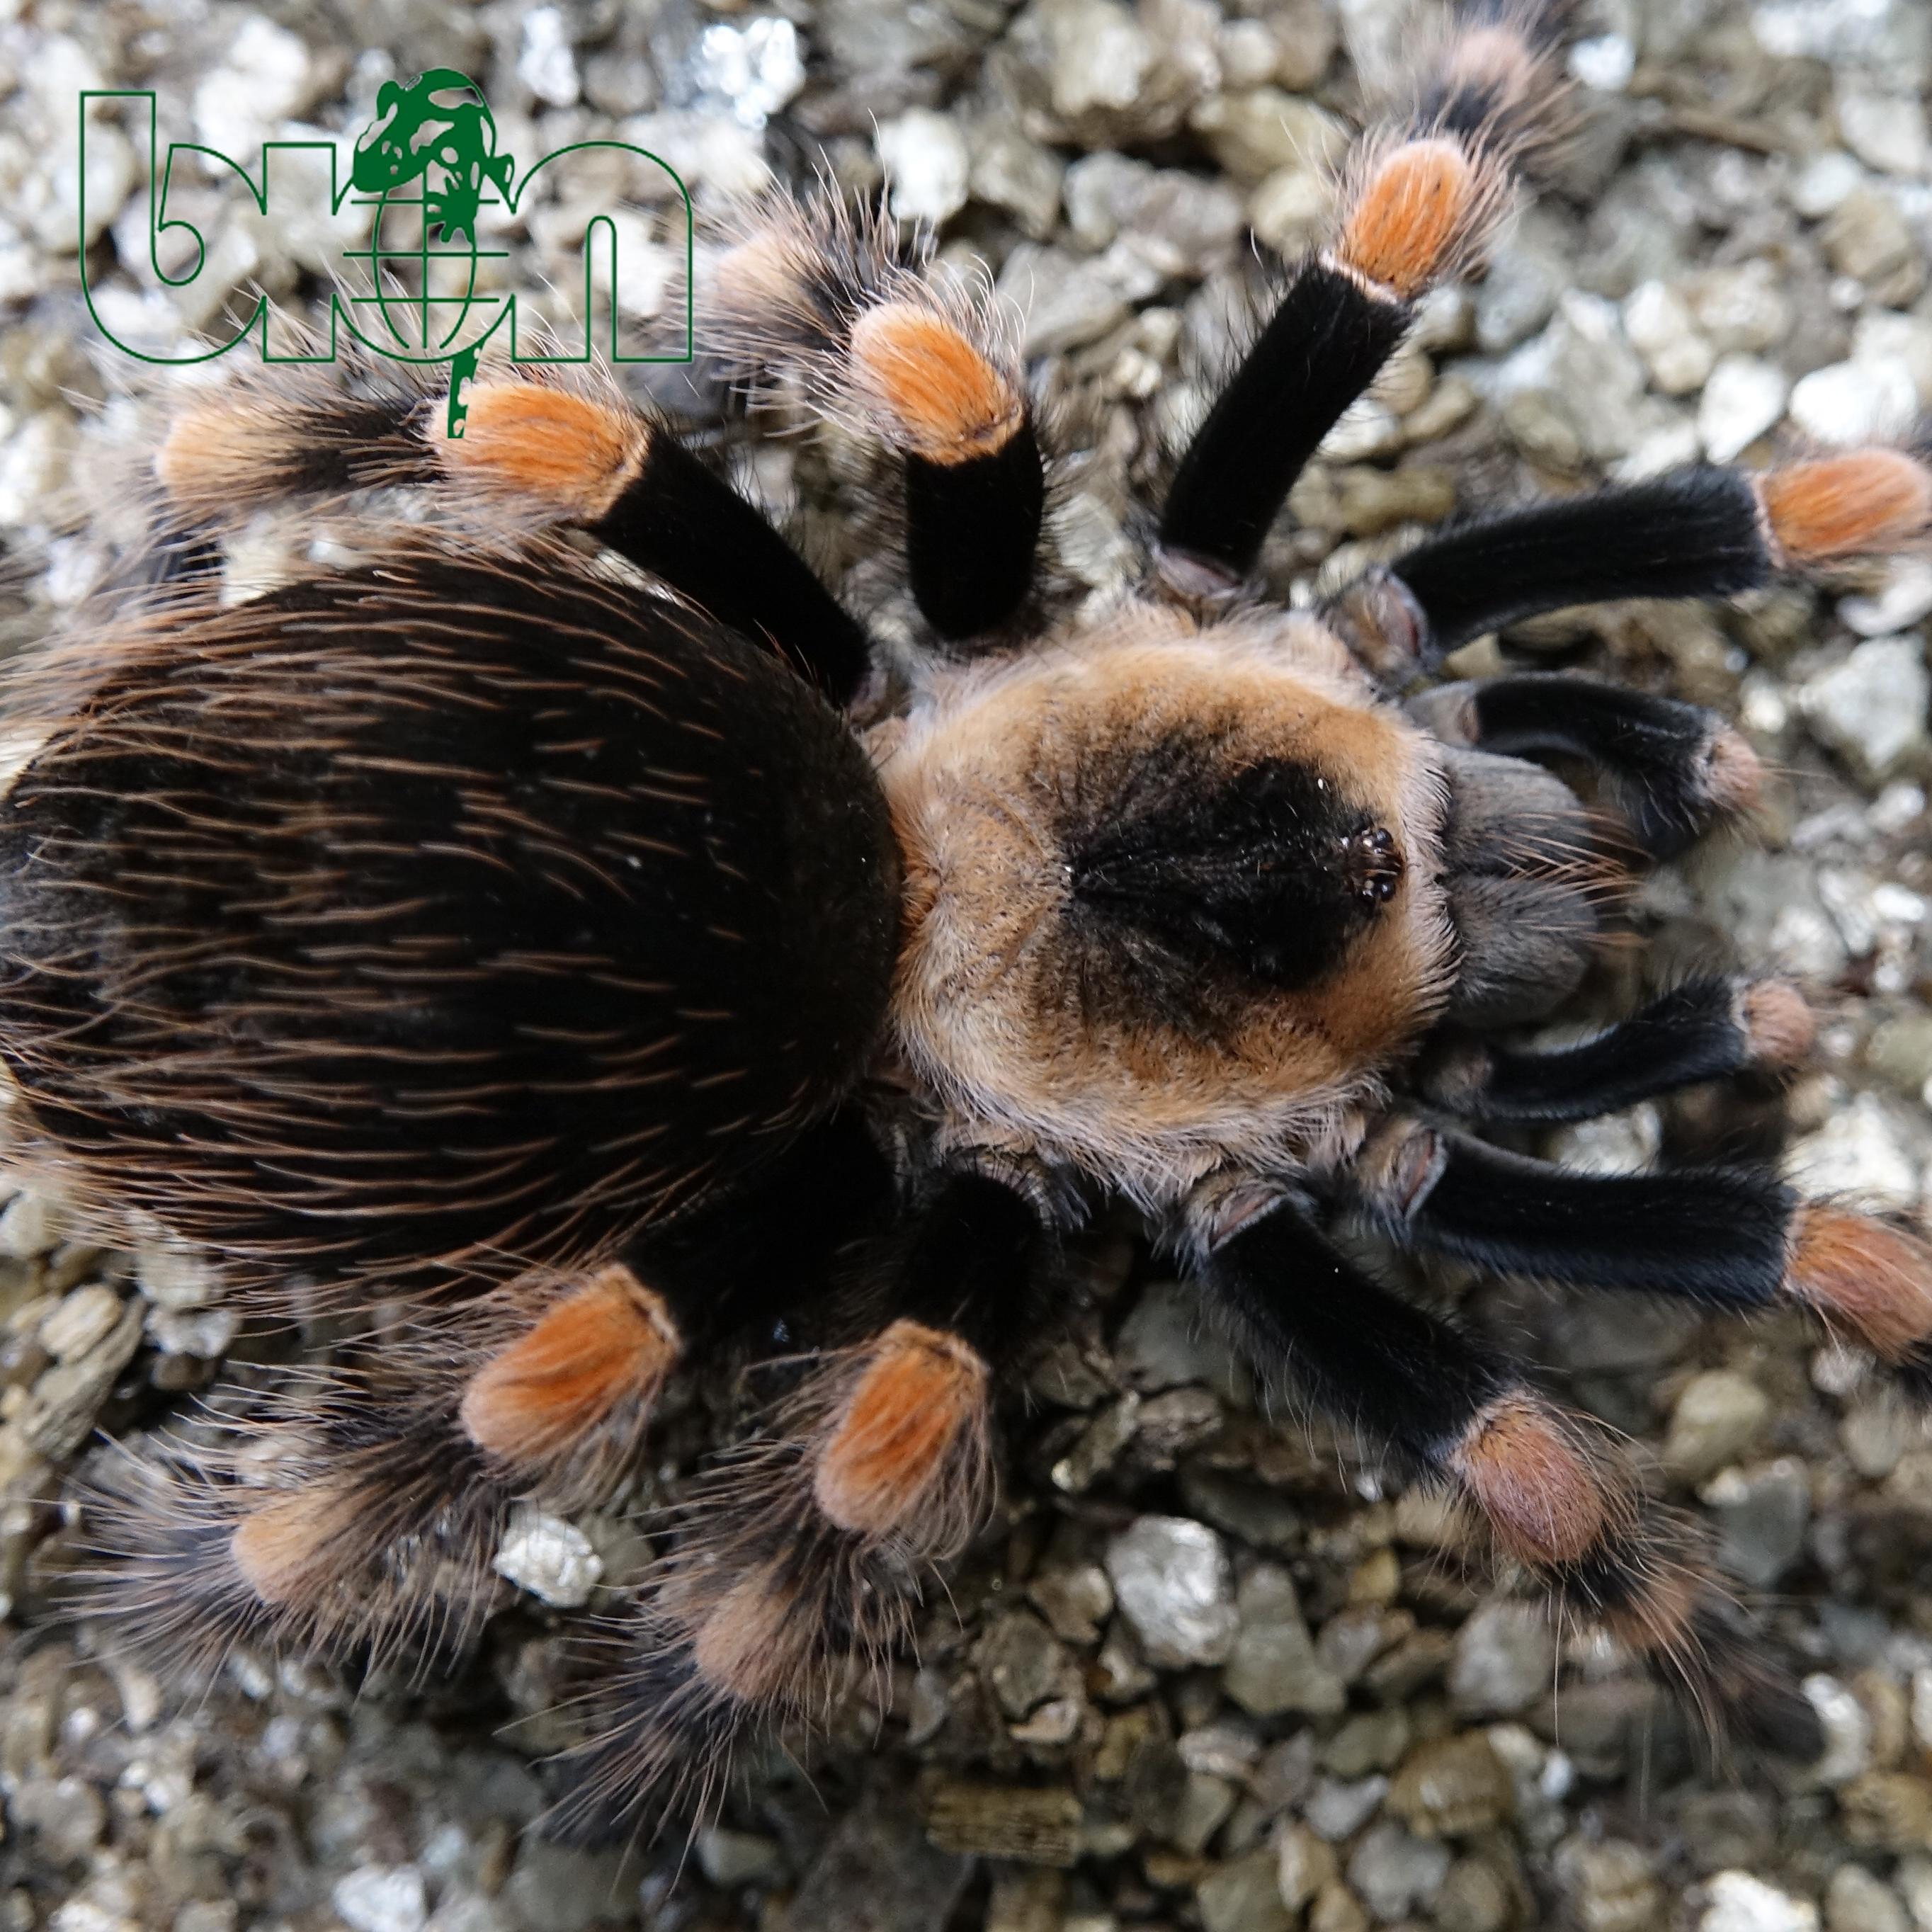 Brachypelma annitha (Brachypelma smithi)